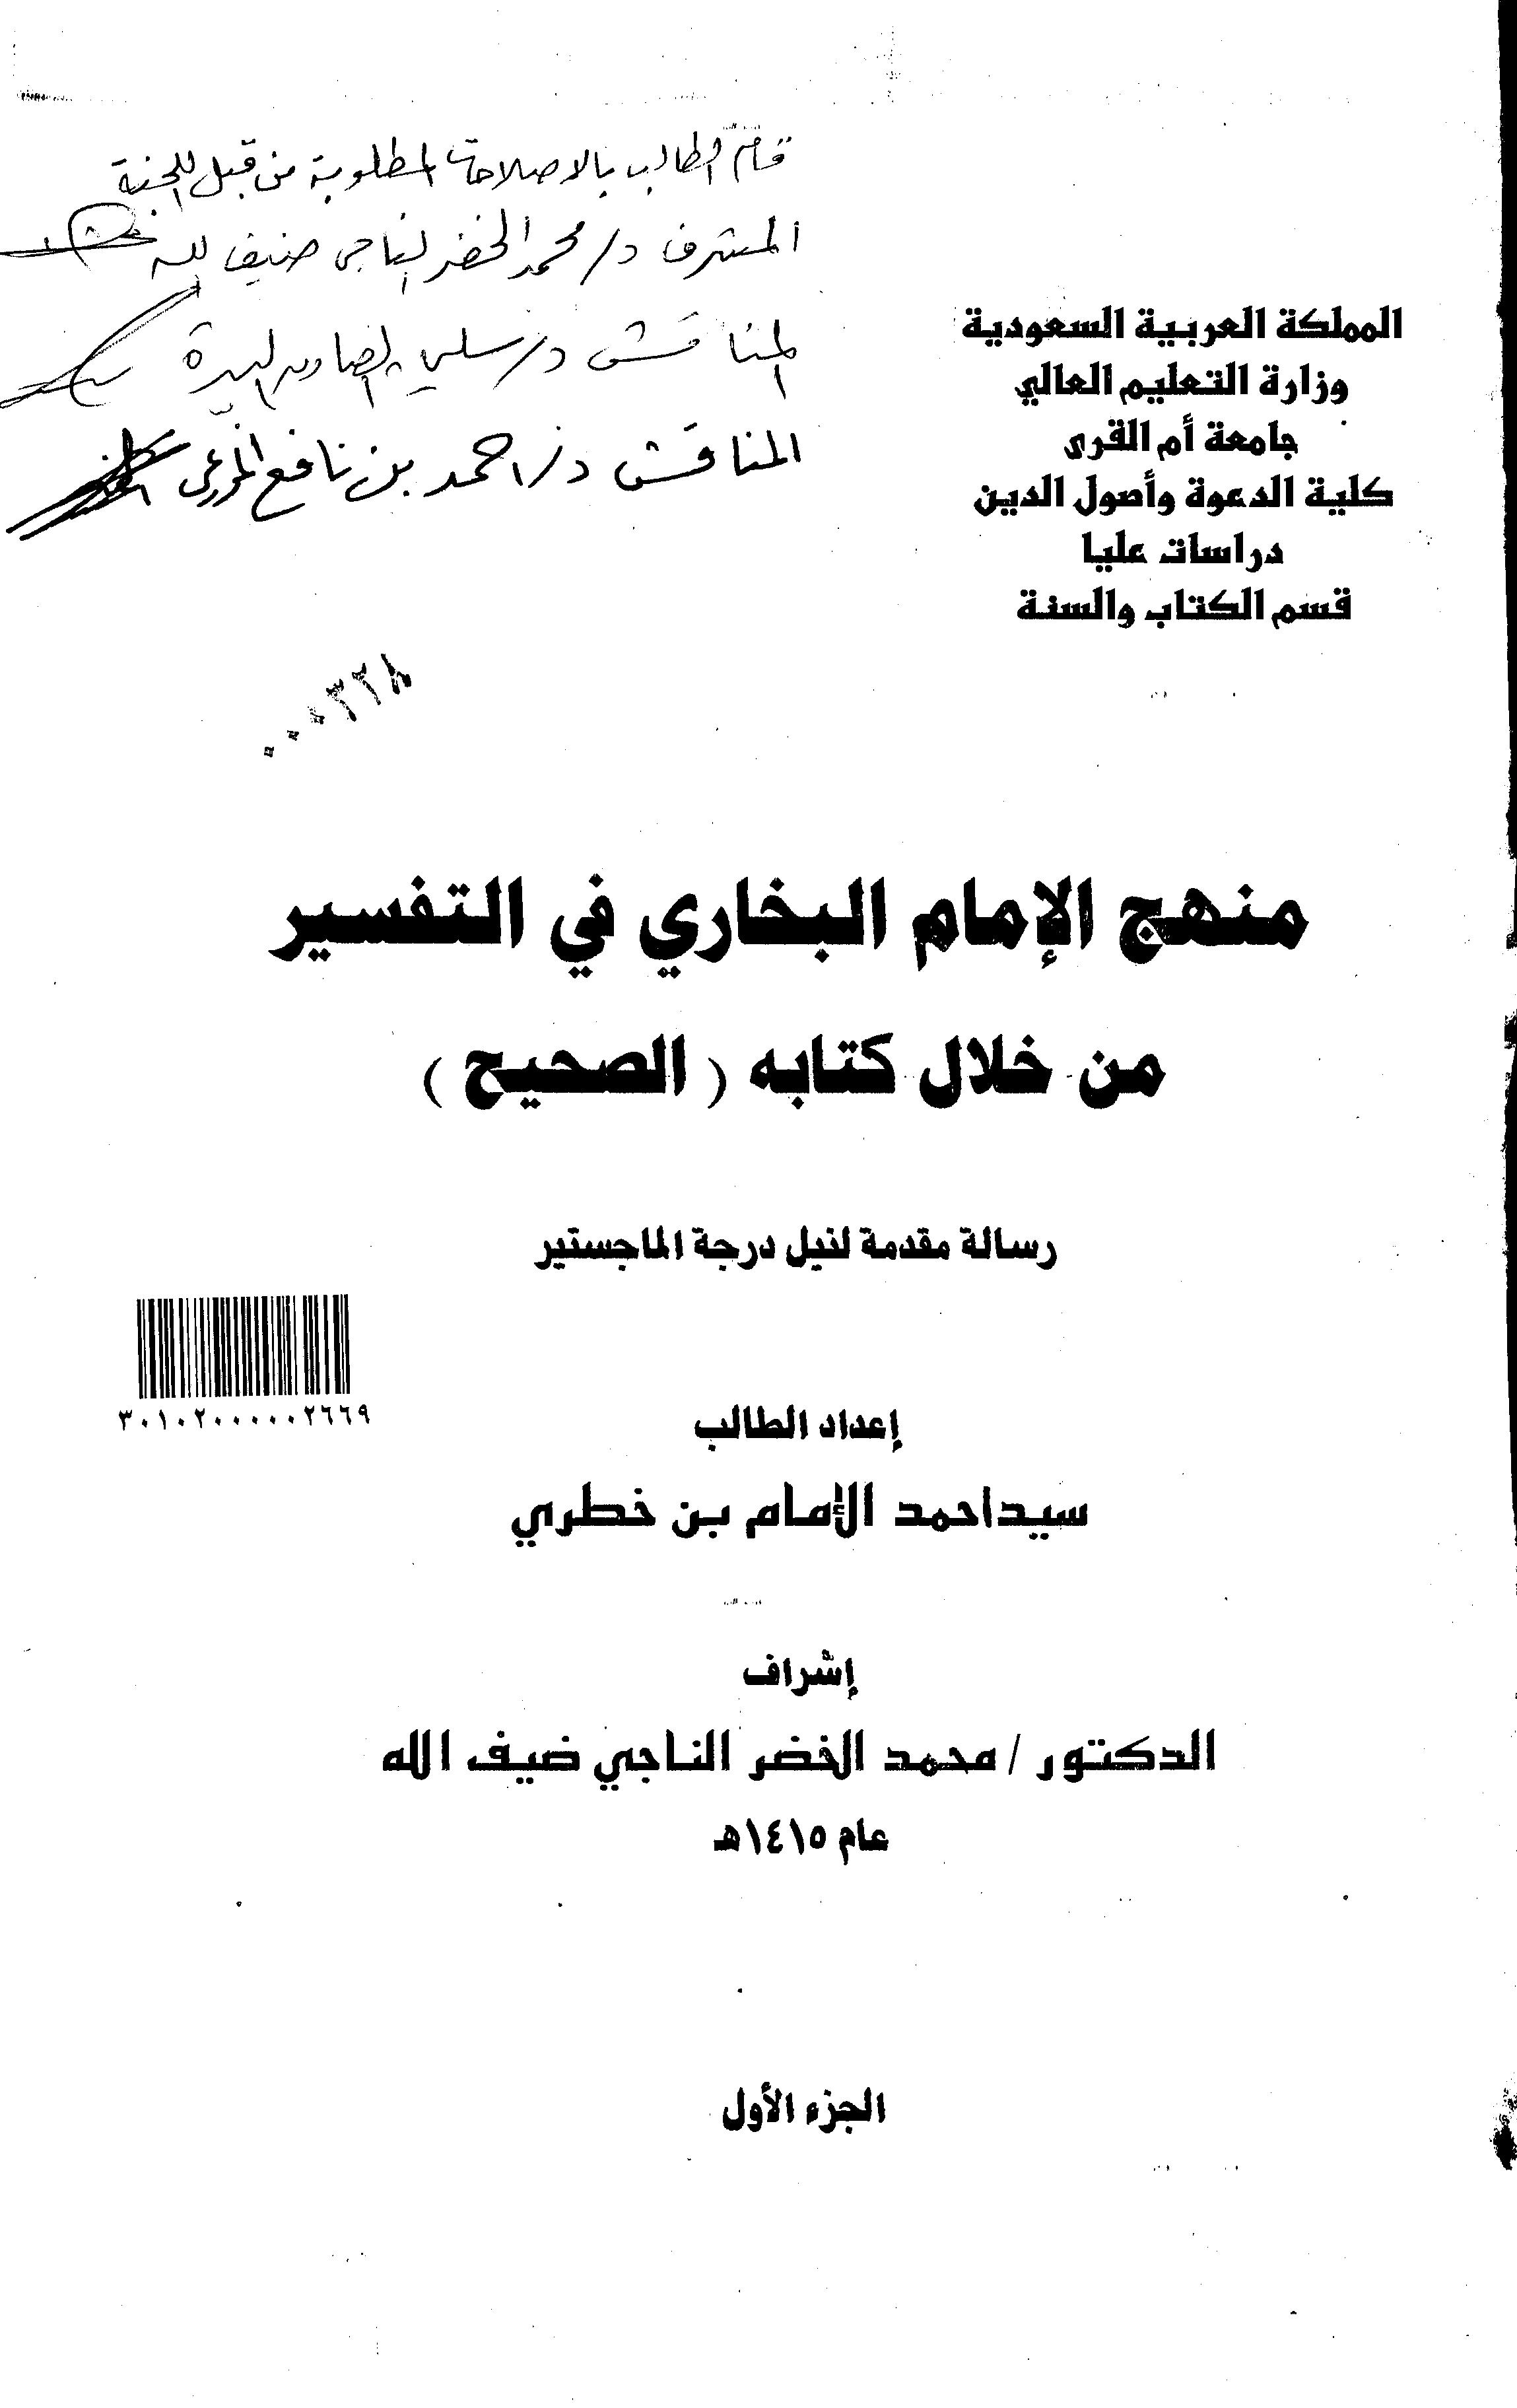 تحميل كتاب منهج الإمام البخاري في التفسير من خلال كتابه «الصحيح» لـِ: سيد أحمد الإمام بن خطري